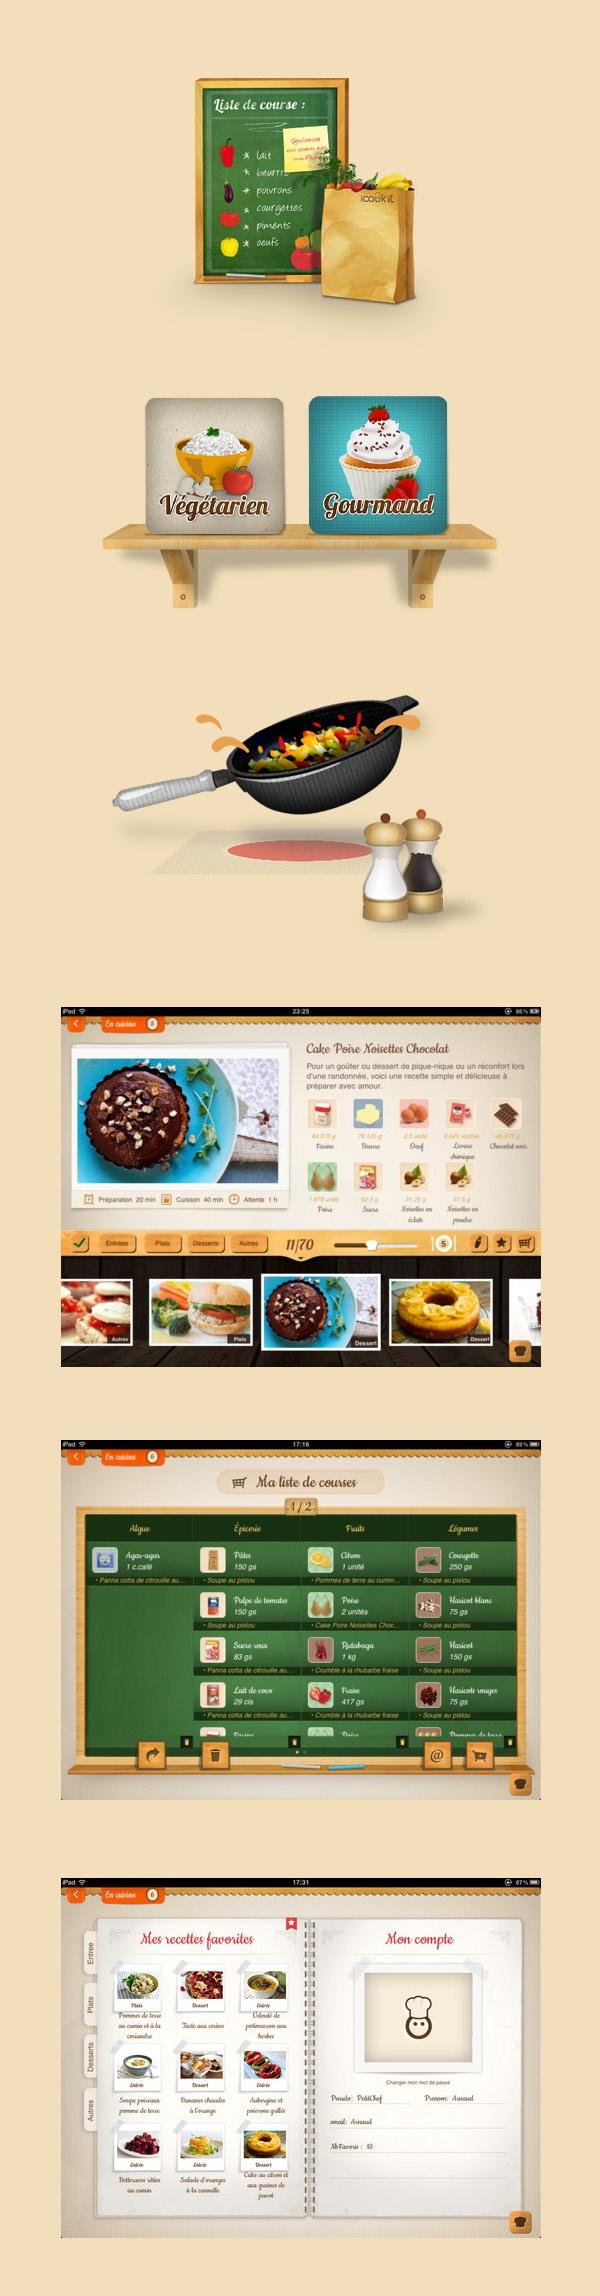 iCook'it iPad App